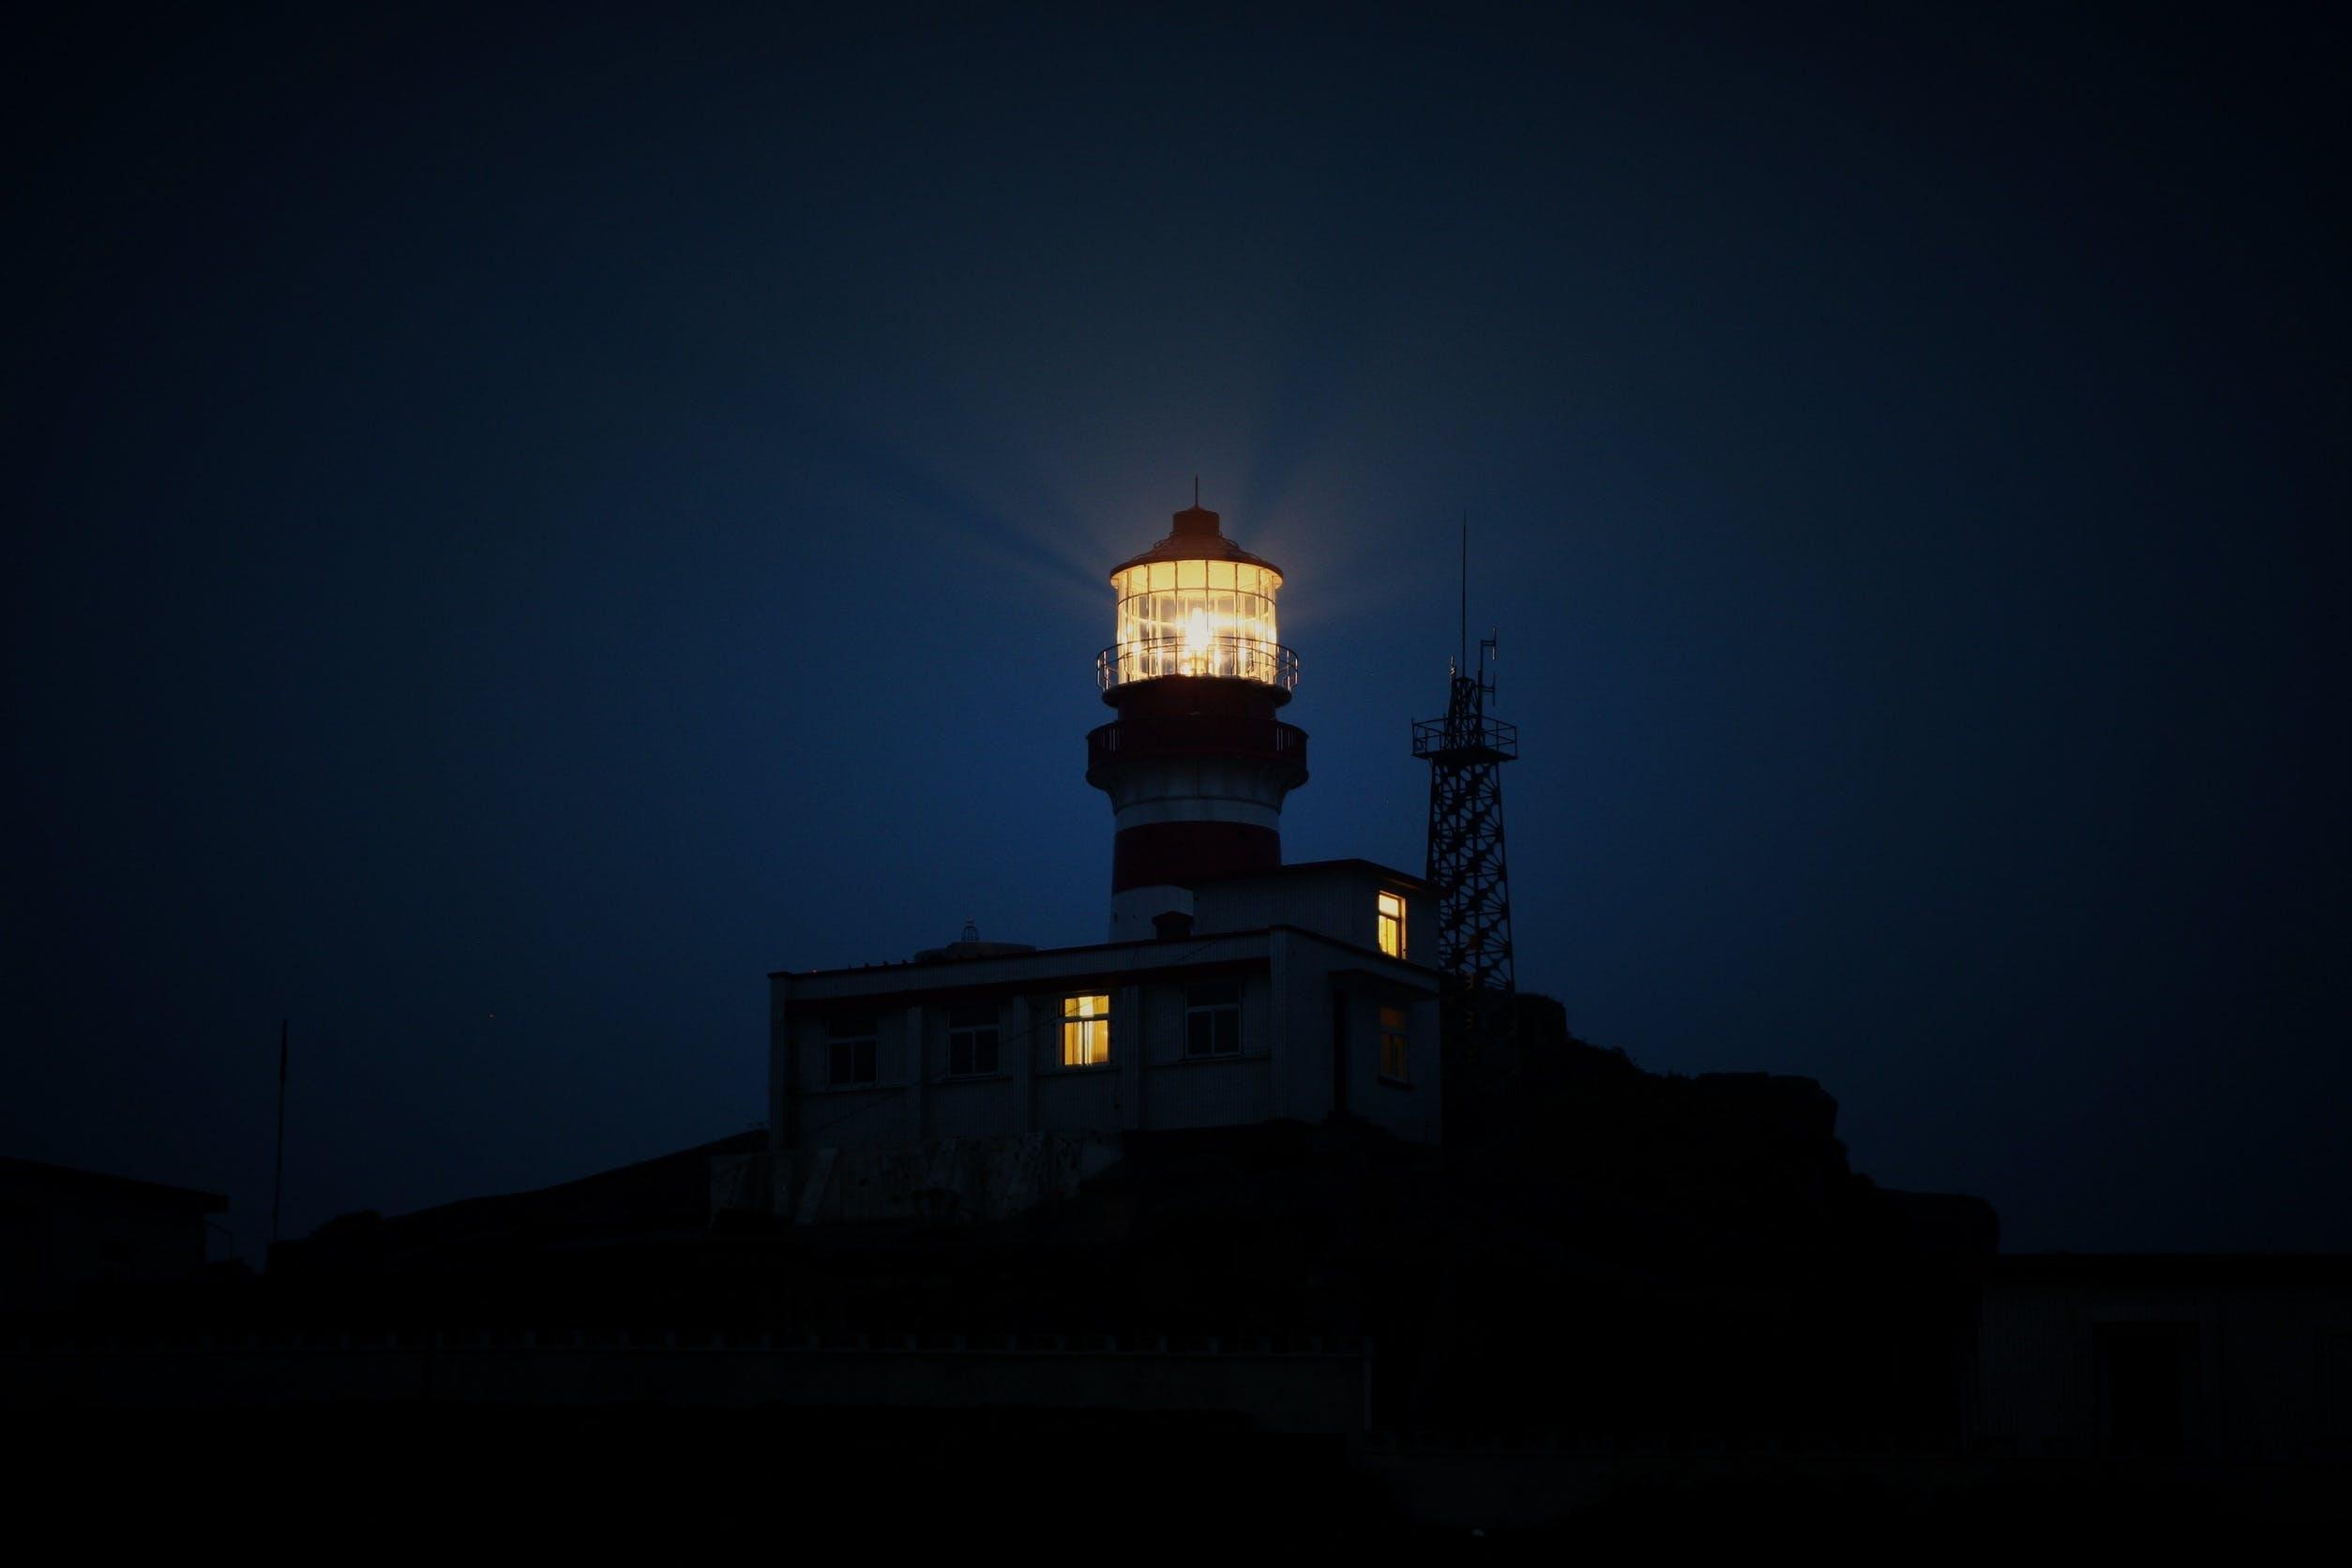 Kostenloses Stock Foto zu dunkel, leuchtturm, licht, nacht